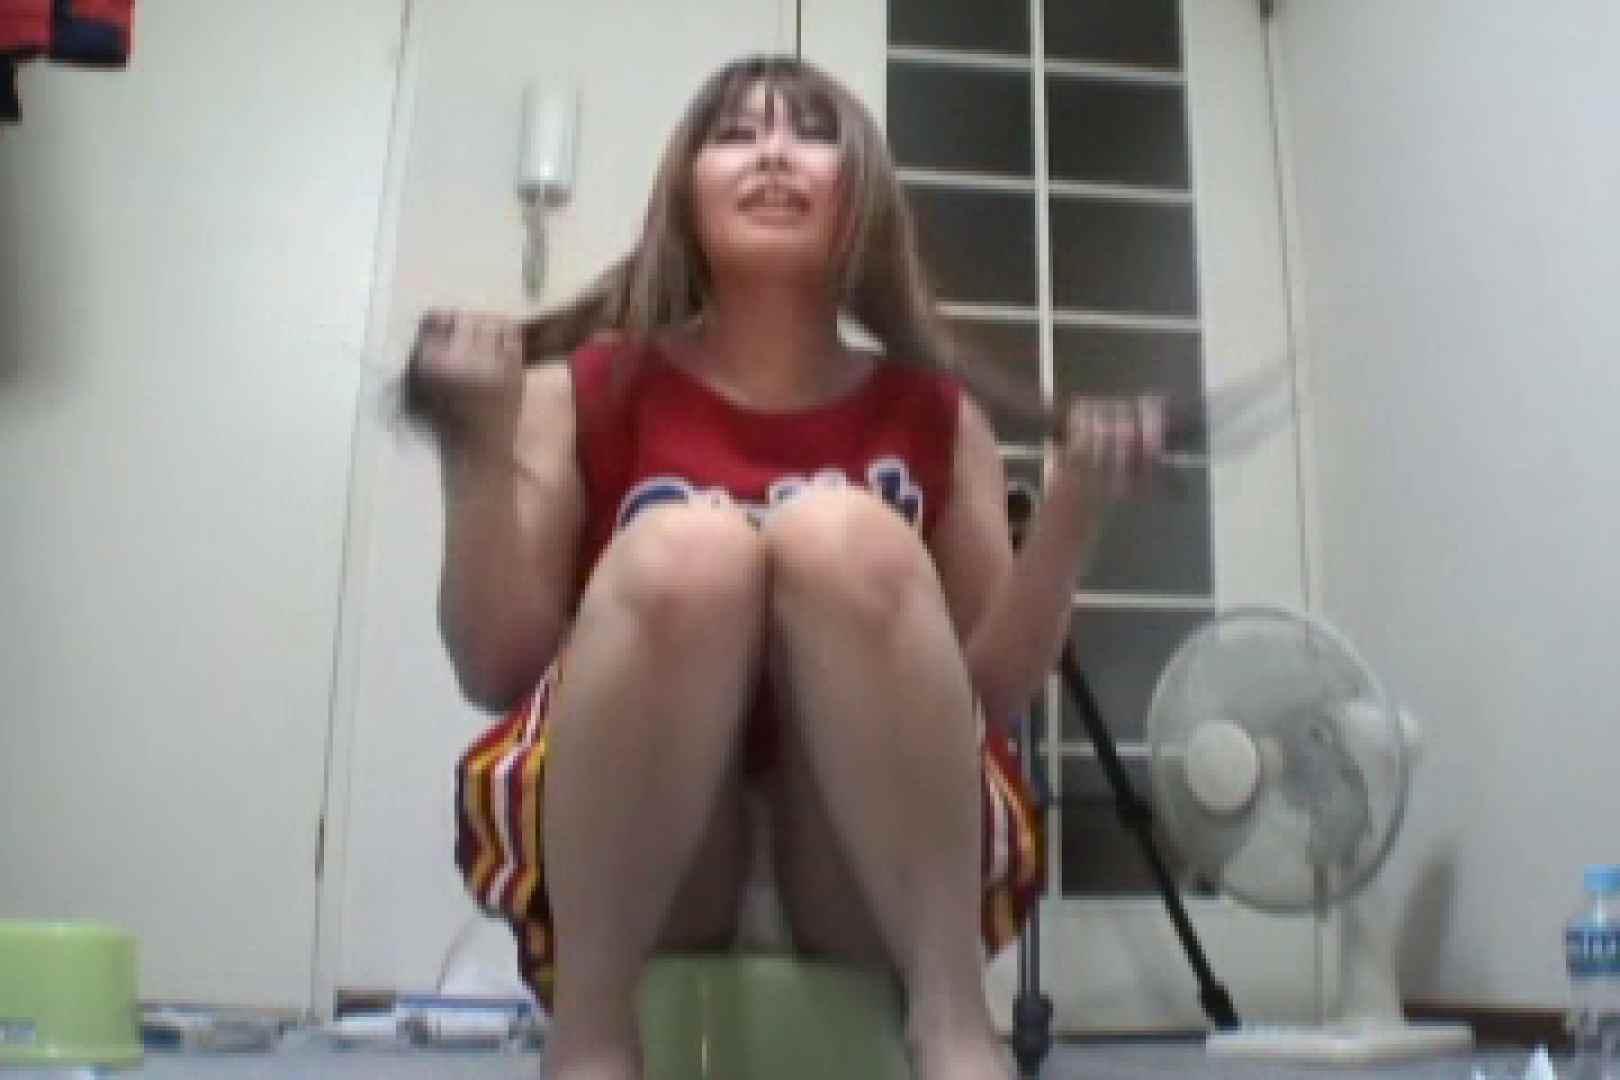 パンツ売りの女の子 ゆづきちゃんvol.2 OLのボディ エロ画像 66PIX 30